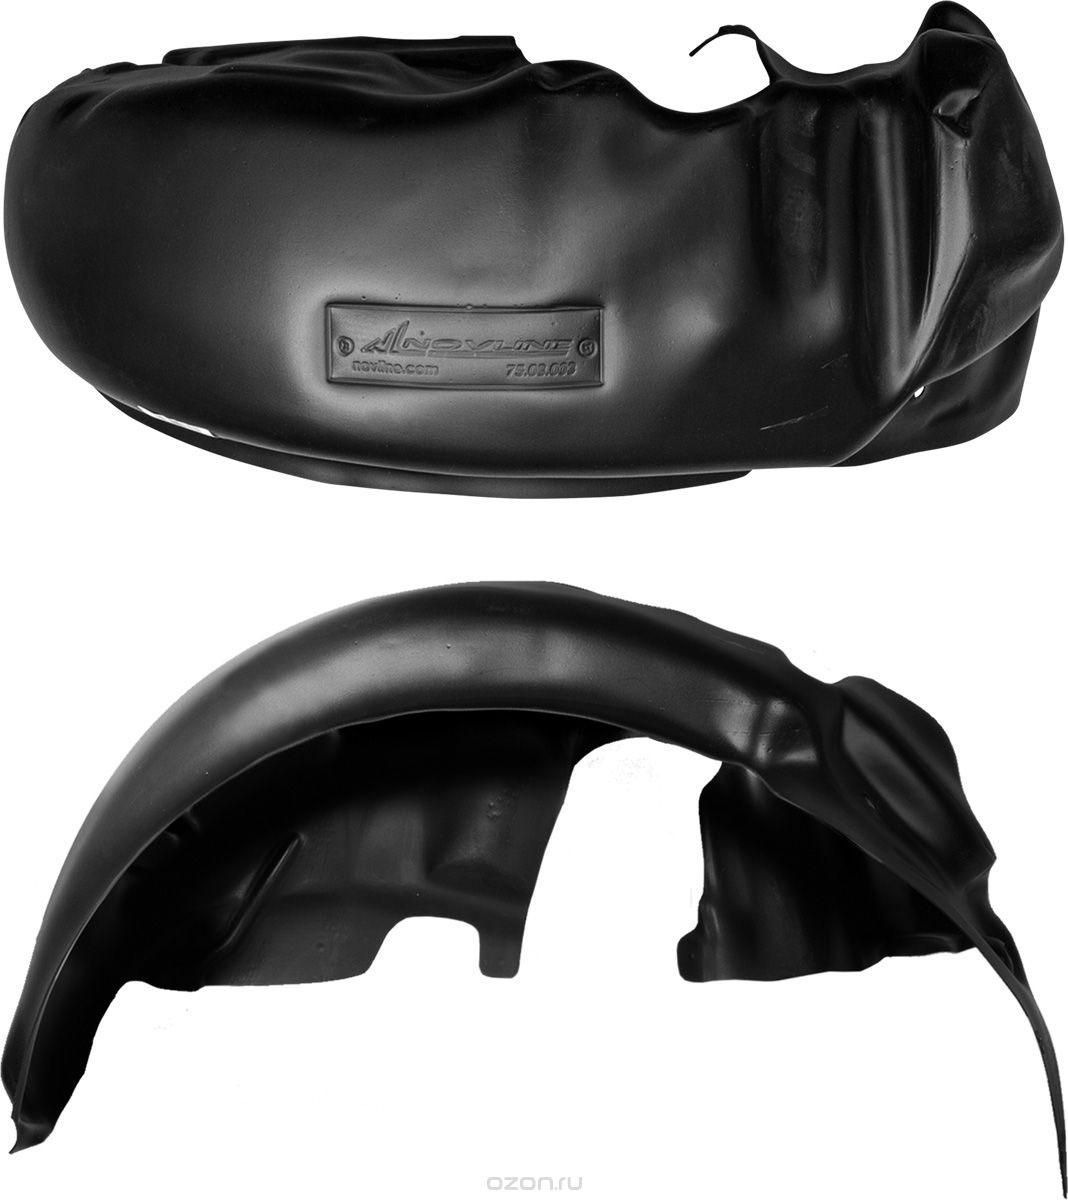 Подкрылок Novline-Autofamily, для Toyota Venza, 2013->, задний левыйNLL.48.56.003Идеальная защита колесной ниши. Локеры разработаны с применением цифровых технологий, гарантируют максимальную повторяемость поверхности арки. Изделия устанавливаются без нарушения лакокрасочного покрытия автомобиля, каждый подкрылок комплектуется крепежом. Уважаемые клиенты, обращаем ваше внимание, что фотографии на подкрылки универсальные и не отражают реальную форму изделия. При этом само изделие идет точно под размер указанного автомобиля.